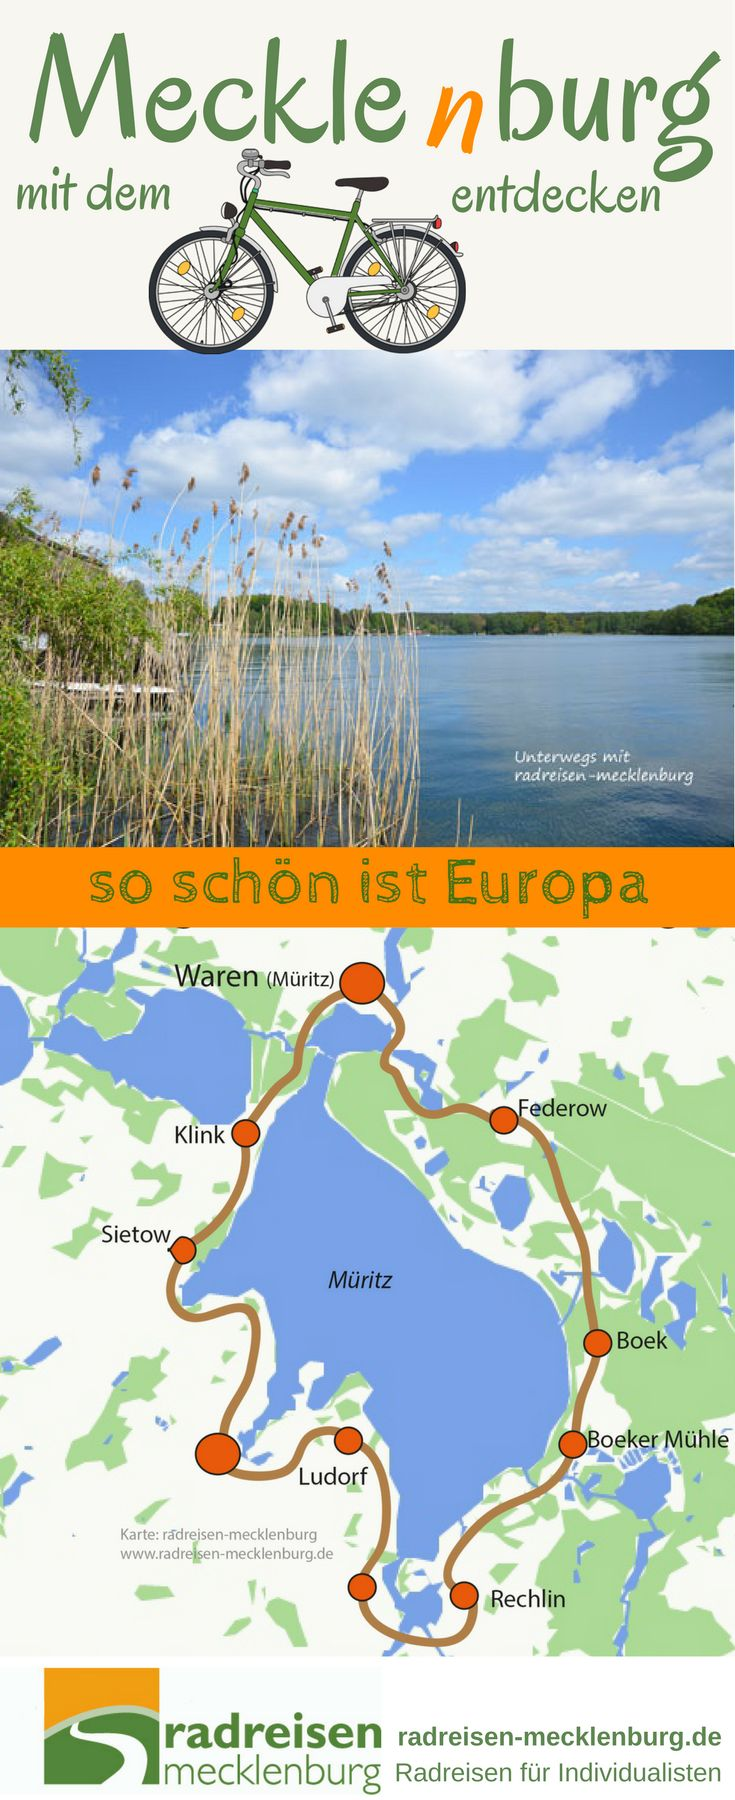 Mitten in Europa, im Nordosten Deutschlands liegt eine der schönsten Seenlandschaften überhaupt. Die #Müritz mit ihren benachbarten mehr als 1000 Seen ist ein wunderbarer Ort für #Urlaub in #Deutschland. radreisen-mecklenburg zeigt euch diese fantastische Region.